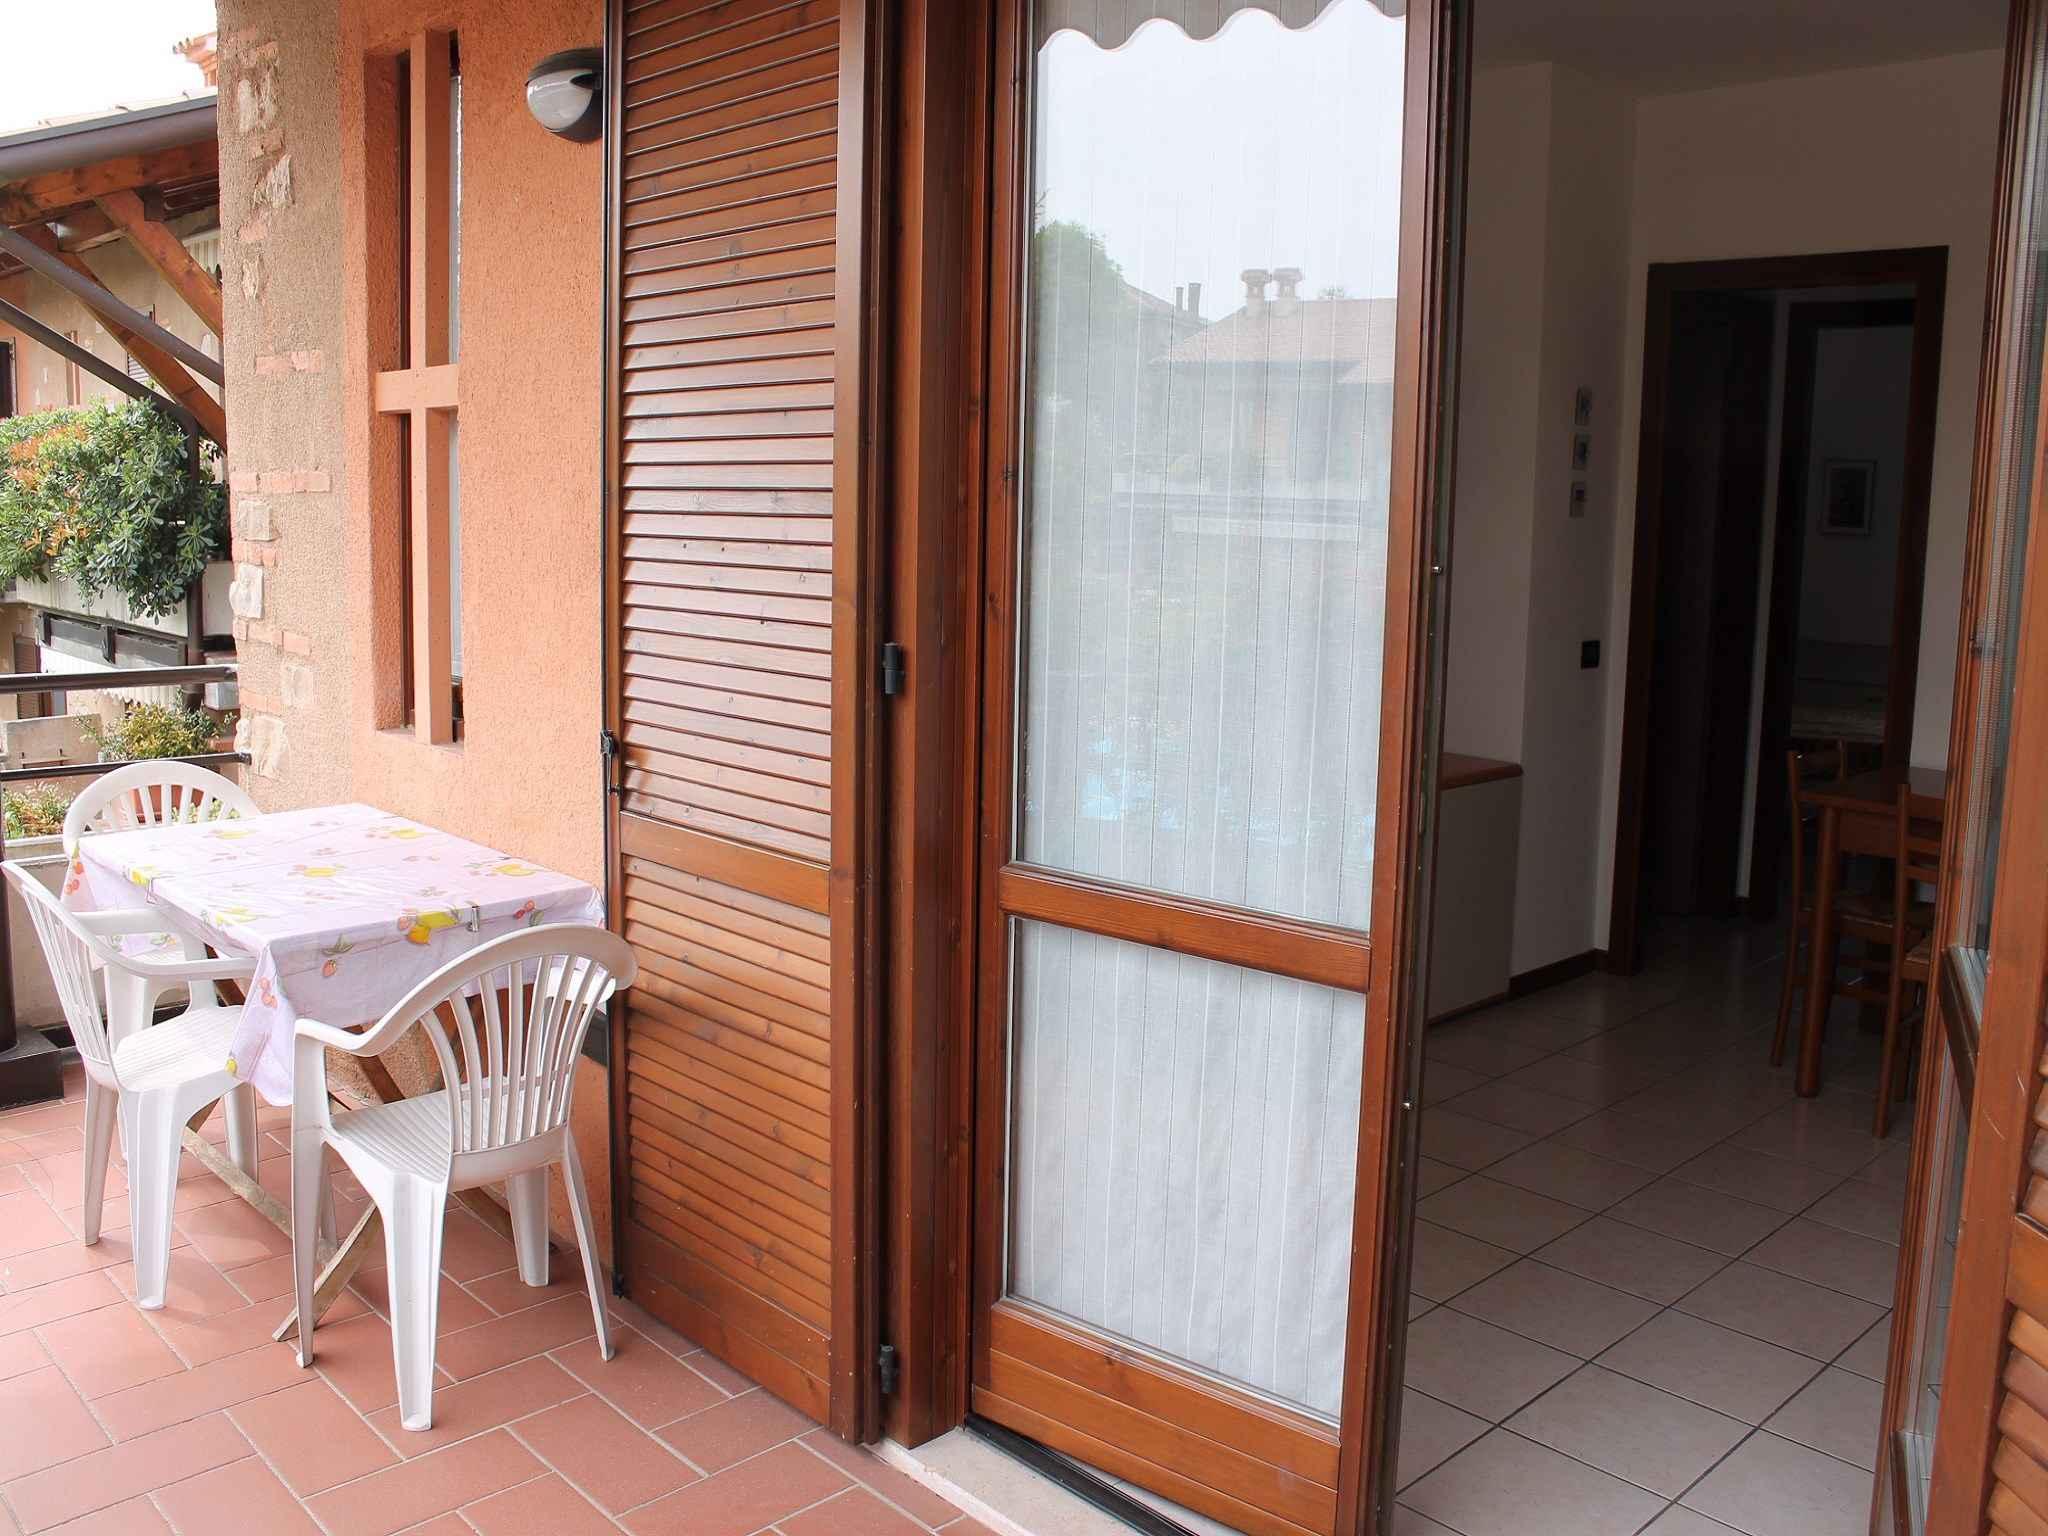 Ferienwohnung con piscina (377442), Lazise, Gardasee, Venetien, Italien, Bild 3